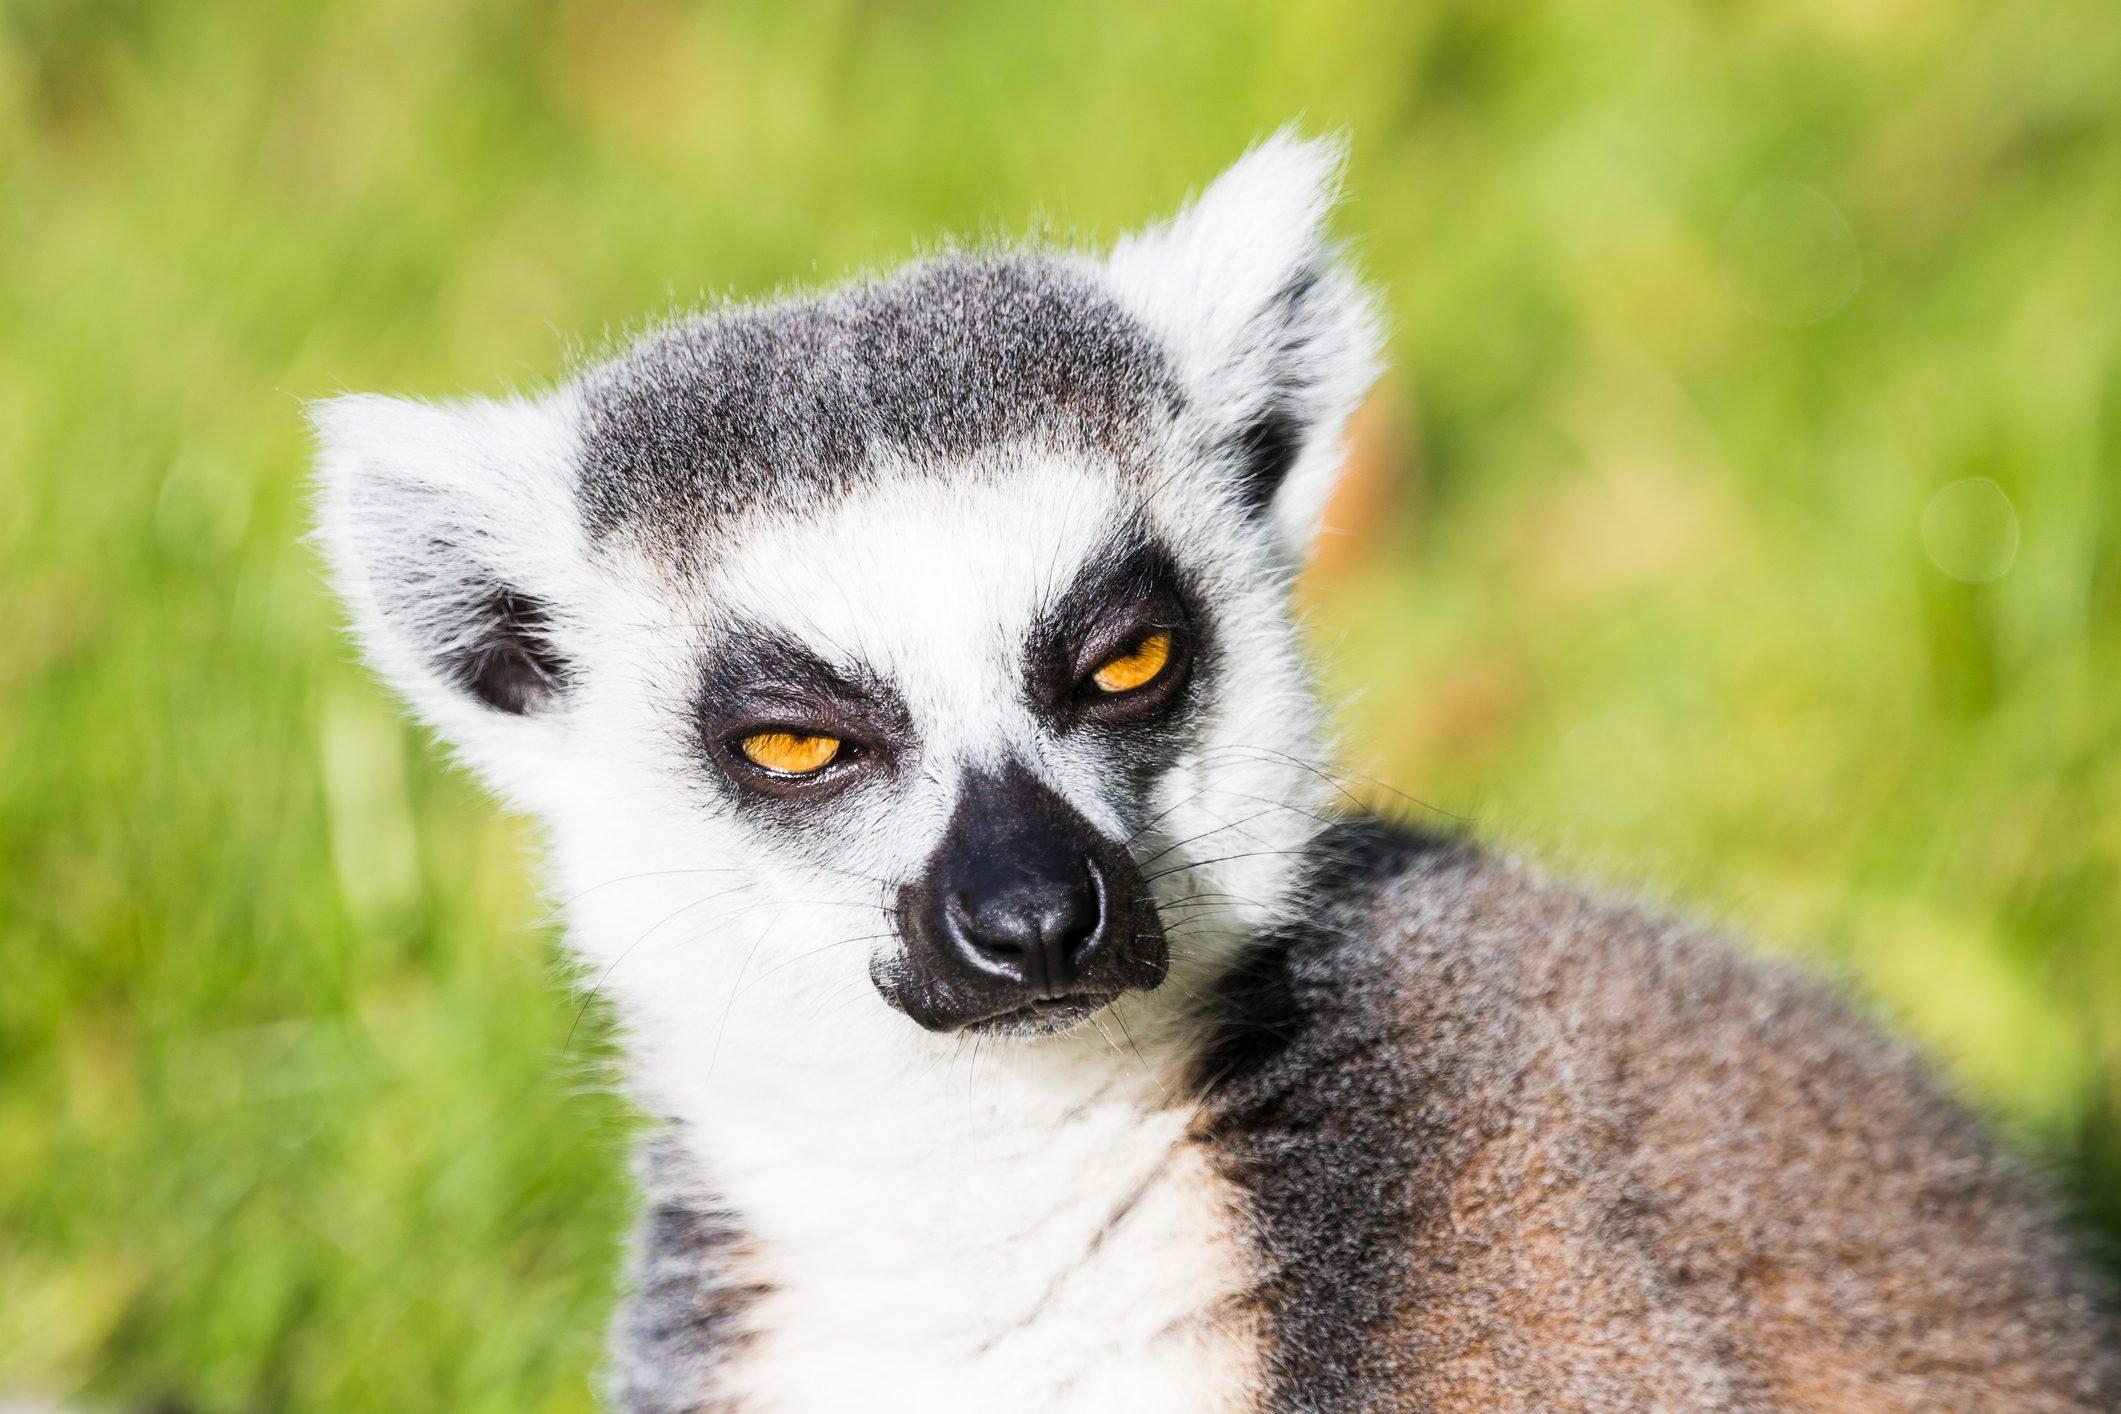 Ring tailed lemur gazes